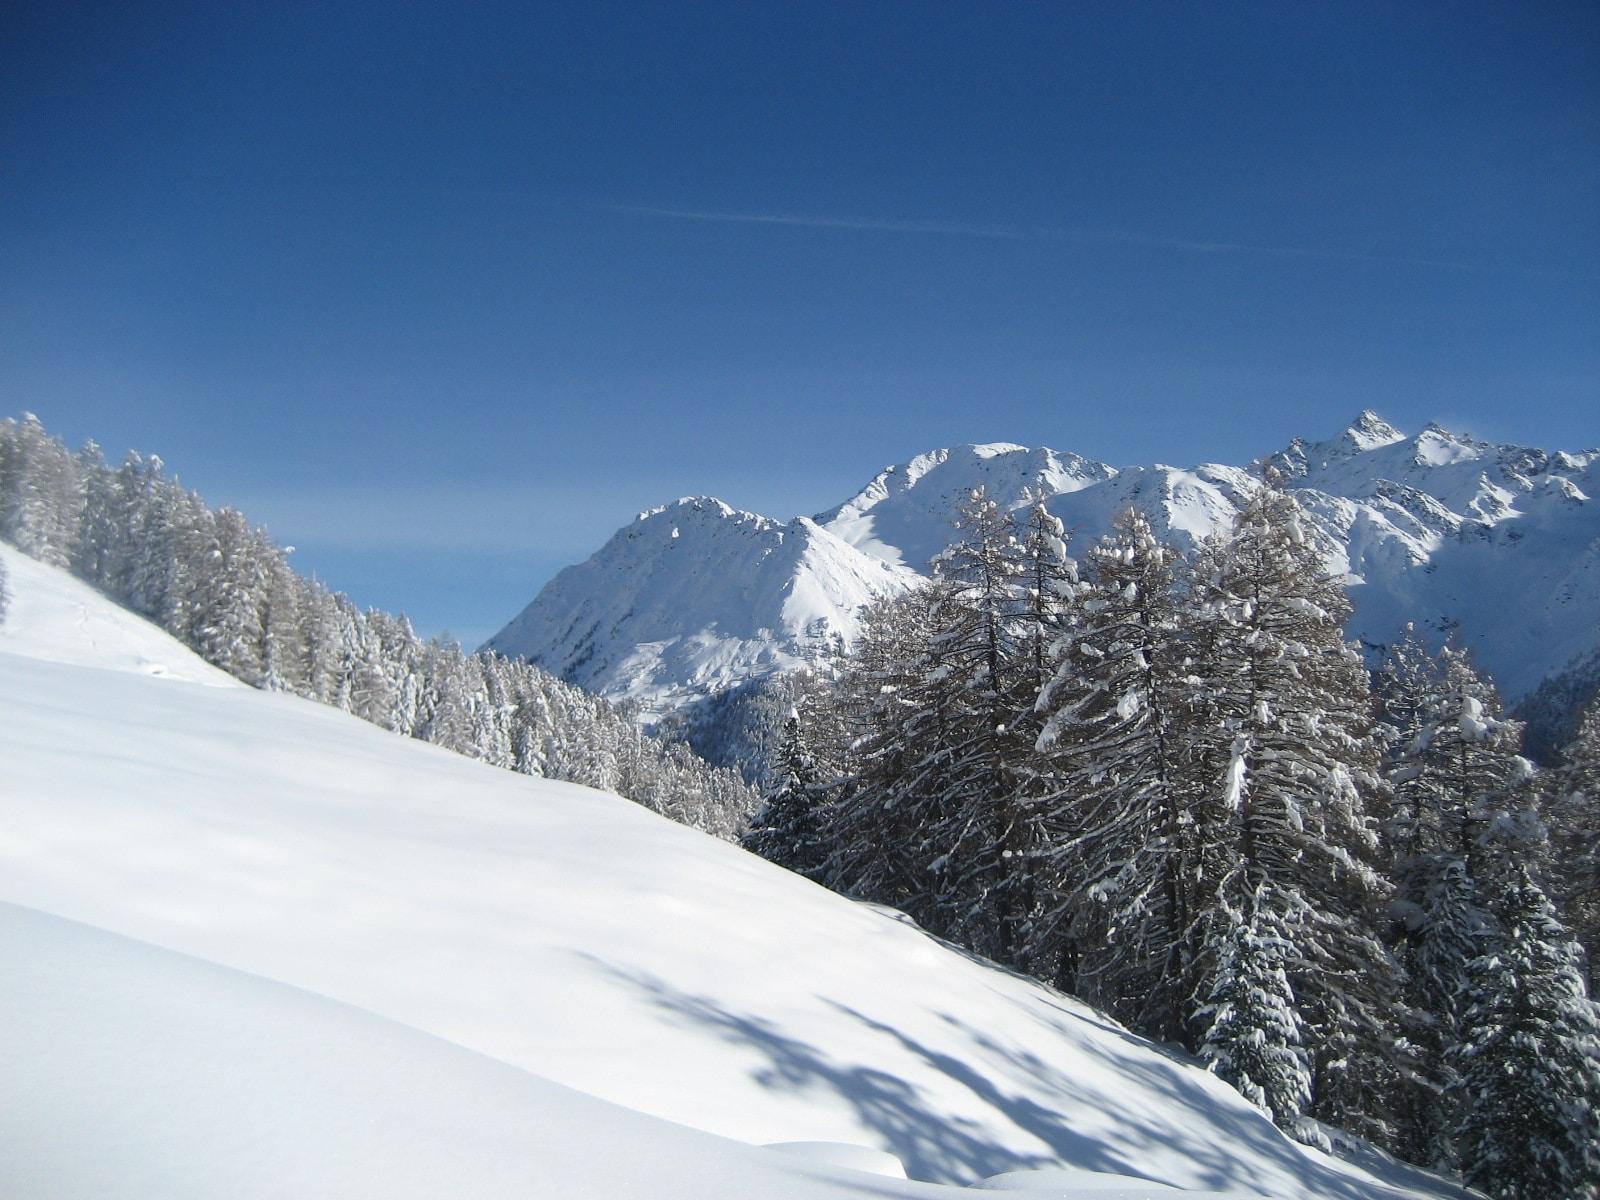 Schneeschuhwanderung2 2010